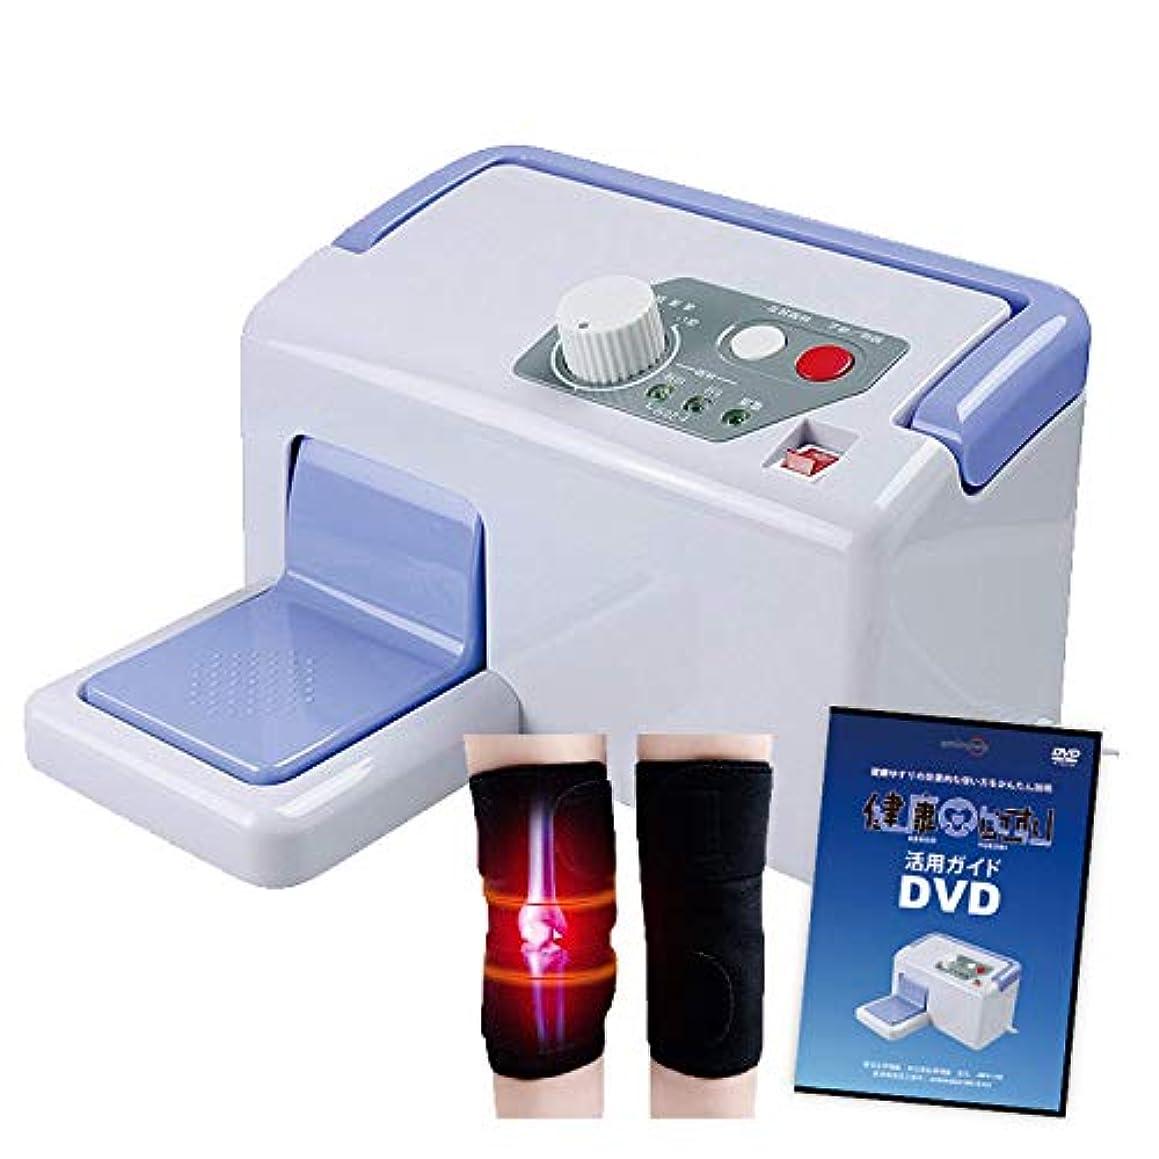 健康ゆすり JMH-100「活用ガイド」DVD特典付き 膝関節サポーター特典付き 1年間保証書 使用ガイド 5点セット